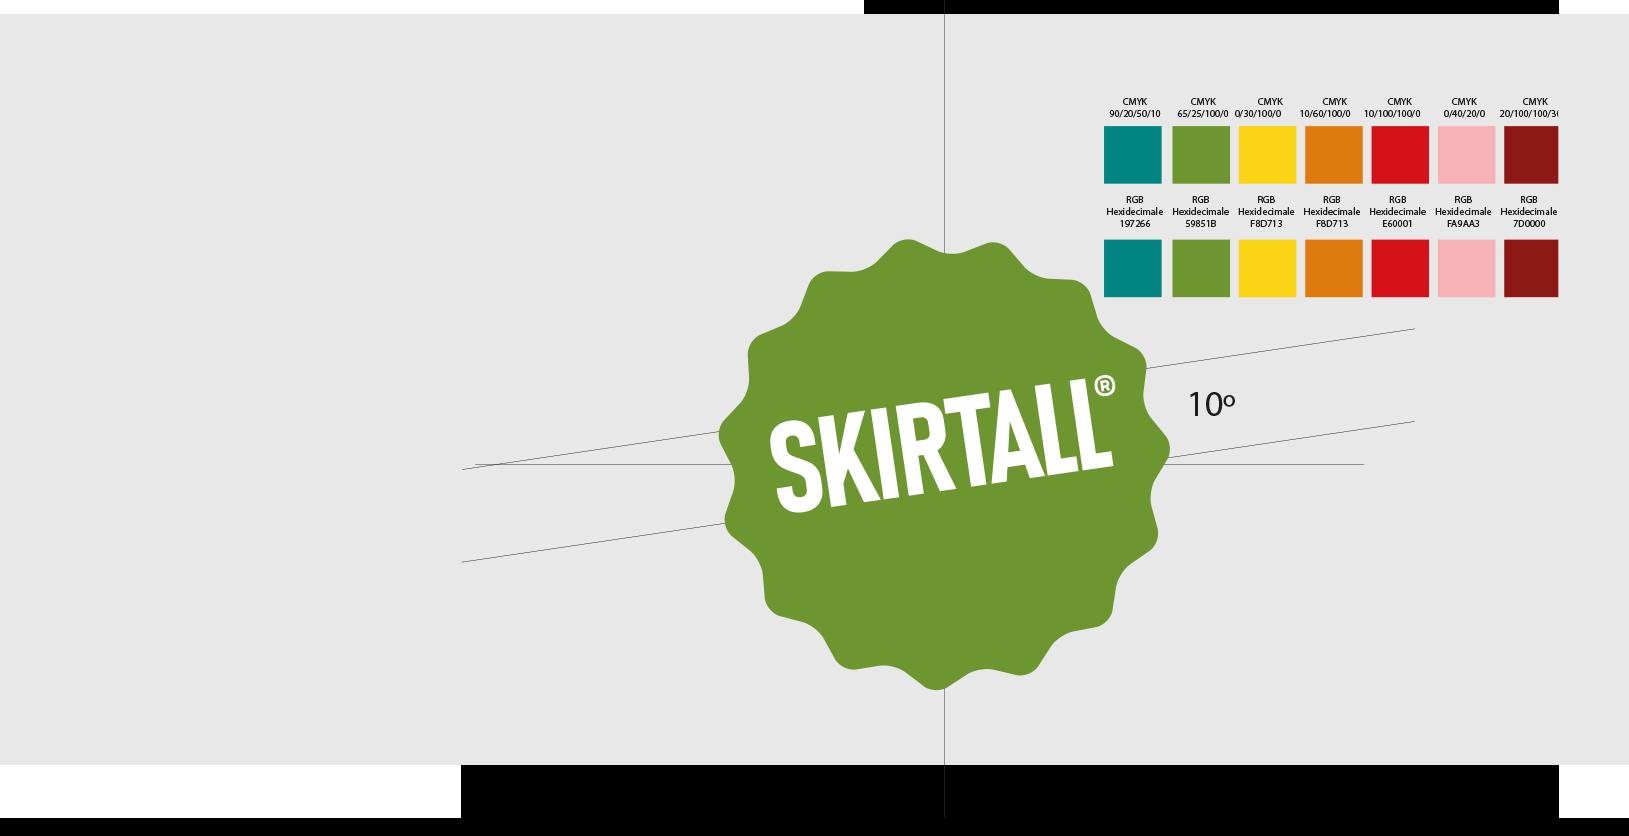 Skirtall logo